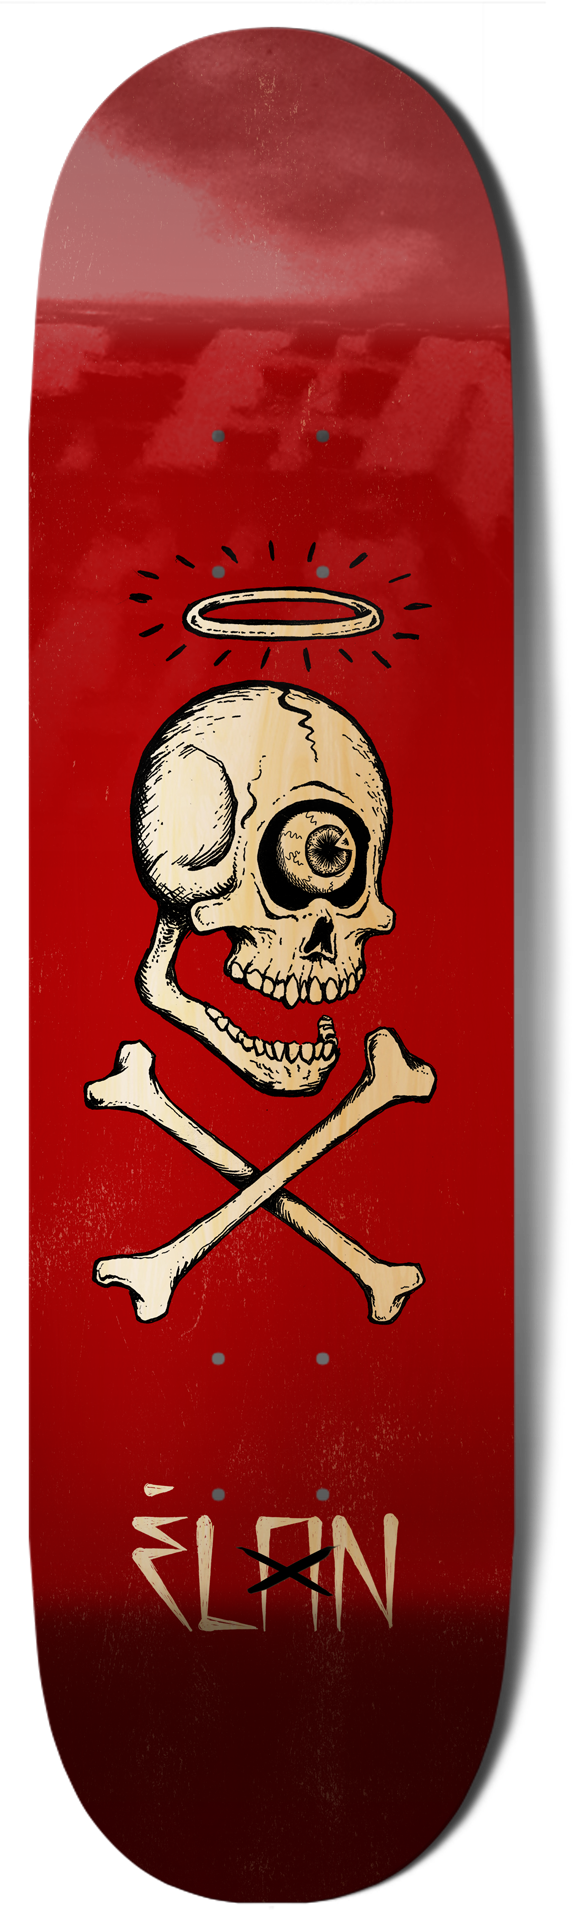 Élan, Skullclops - Russian Tattoo Series